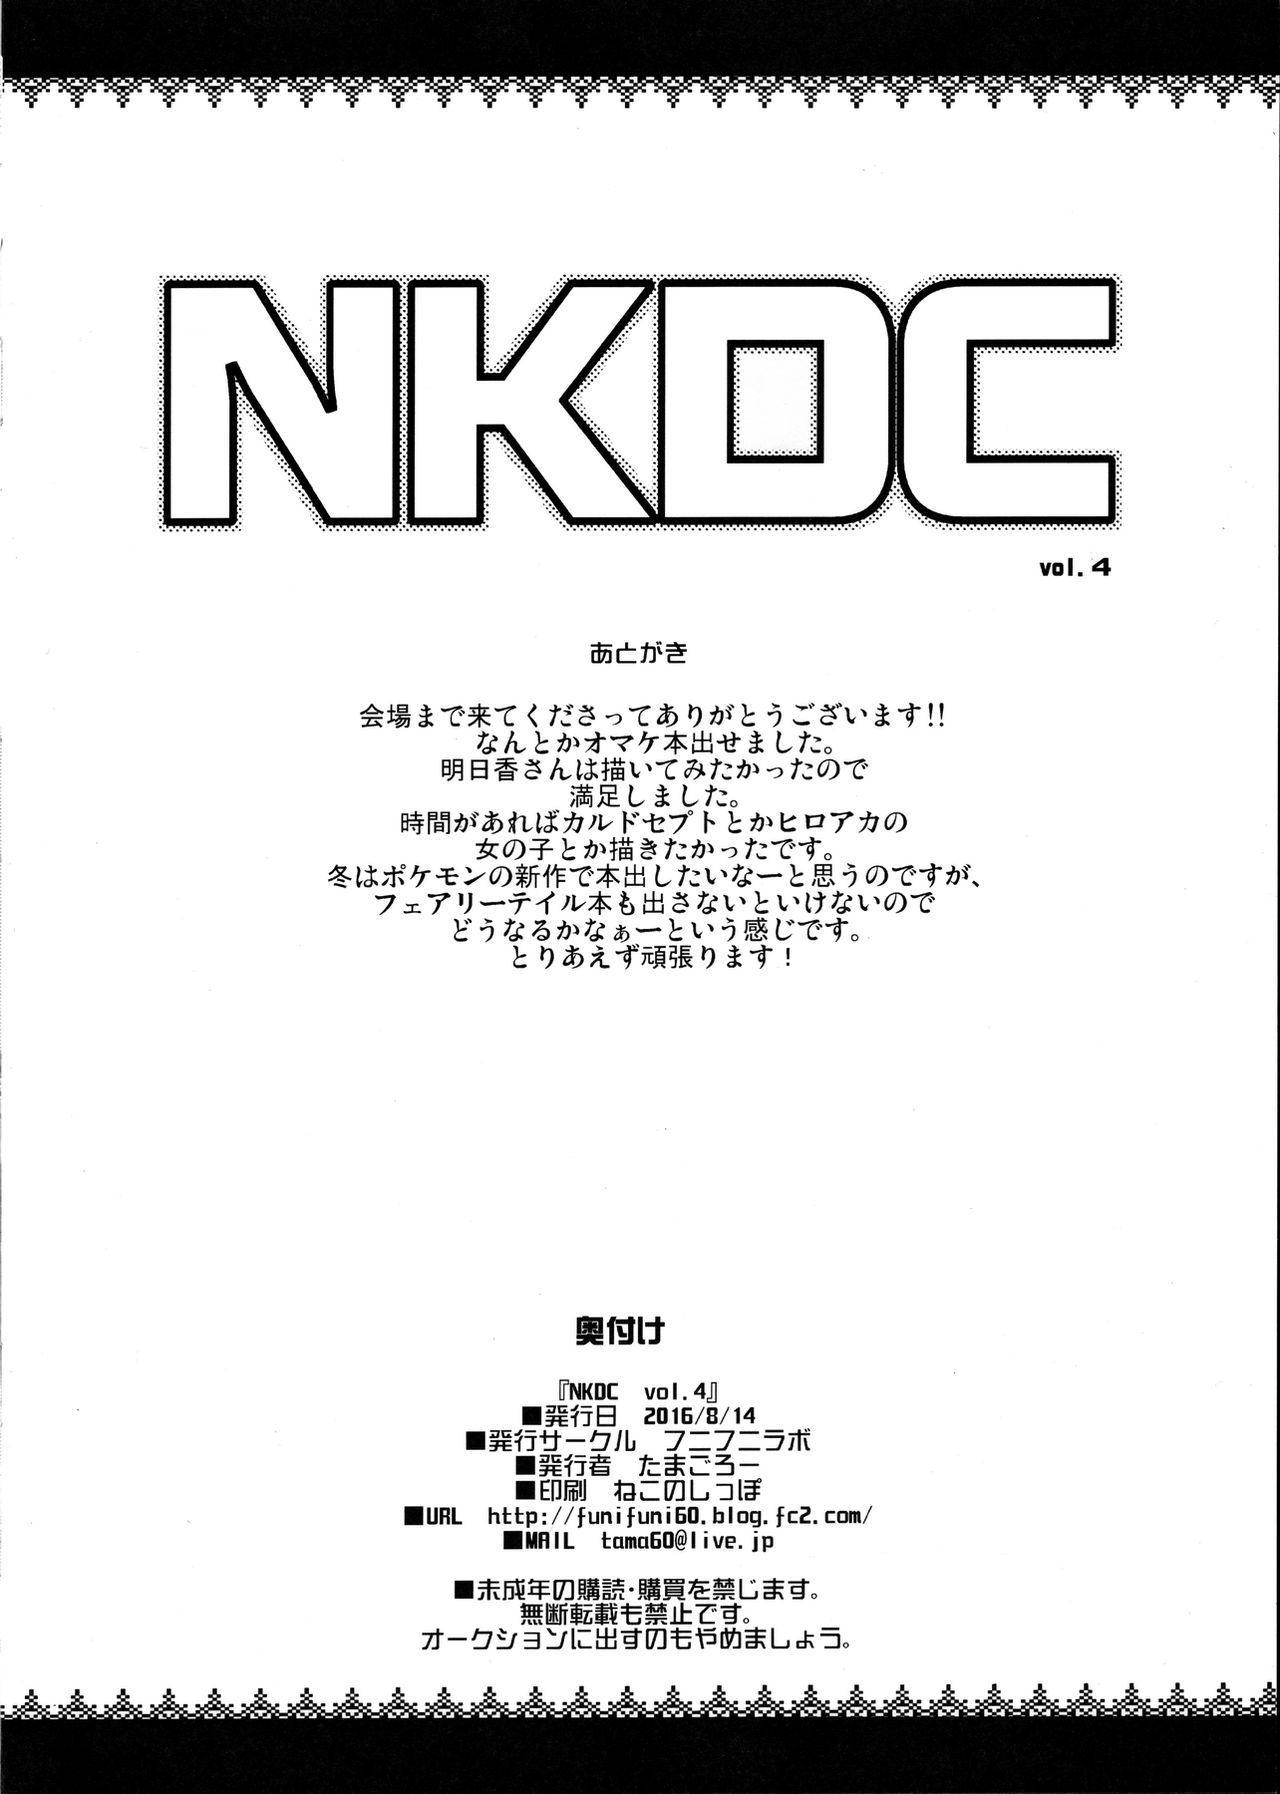 NKDC Vol. 4 8